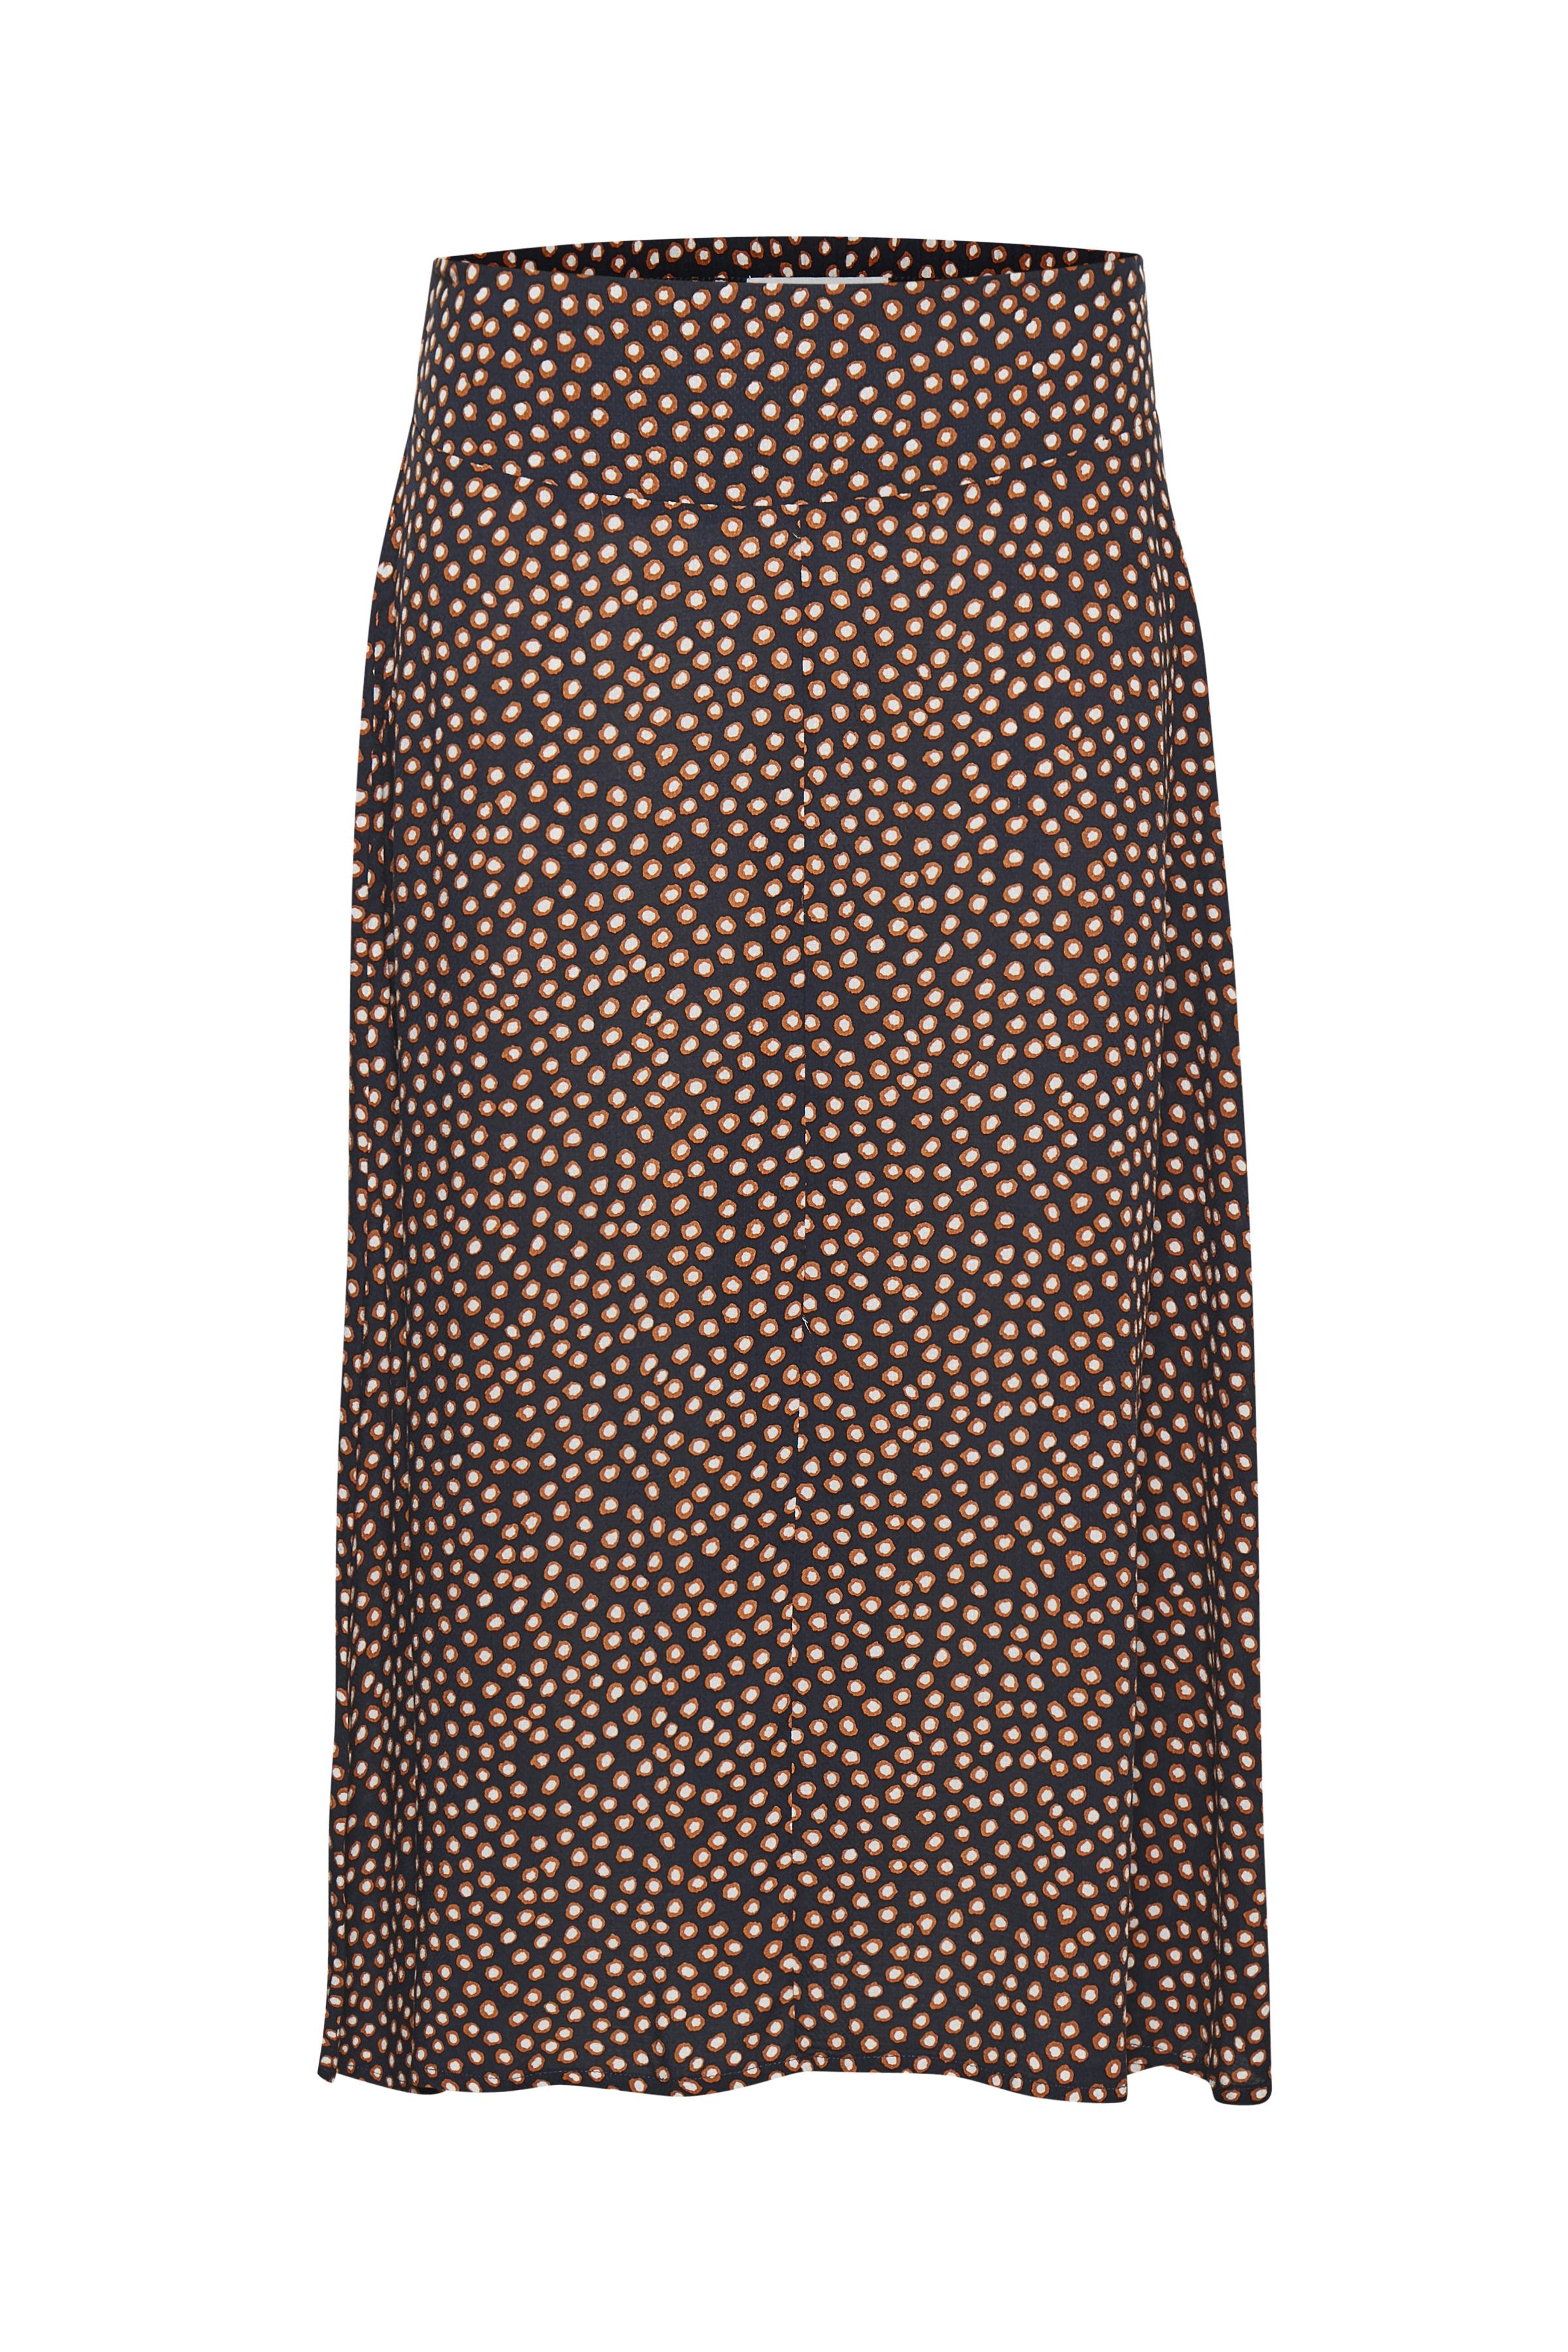 Marinblå/brun Kjol från Cream – Köp Marinblå/brun Kjol från stl. 34-46 här